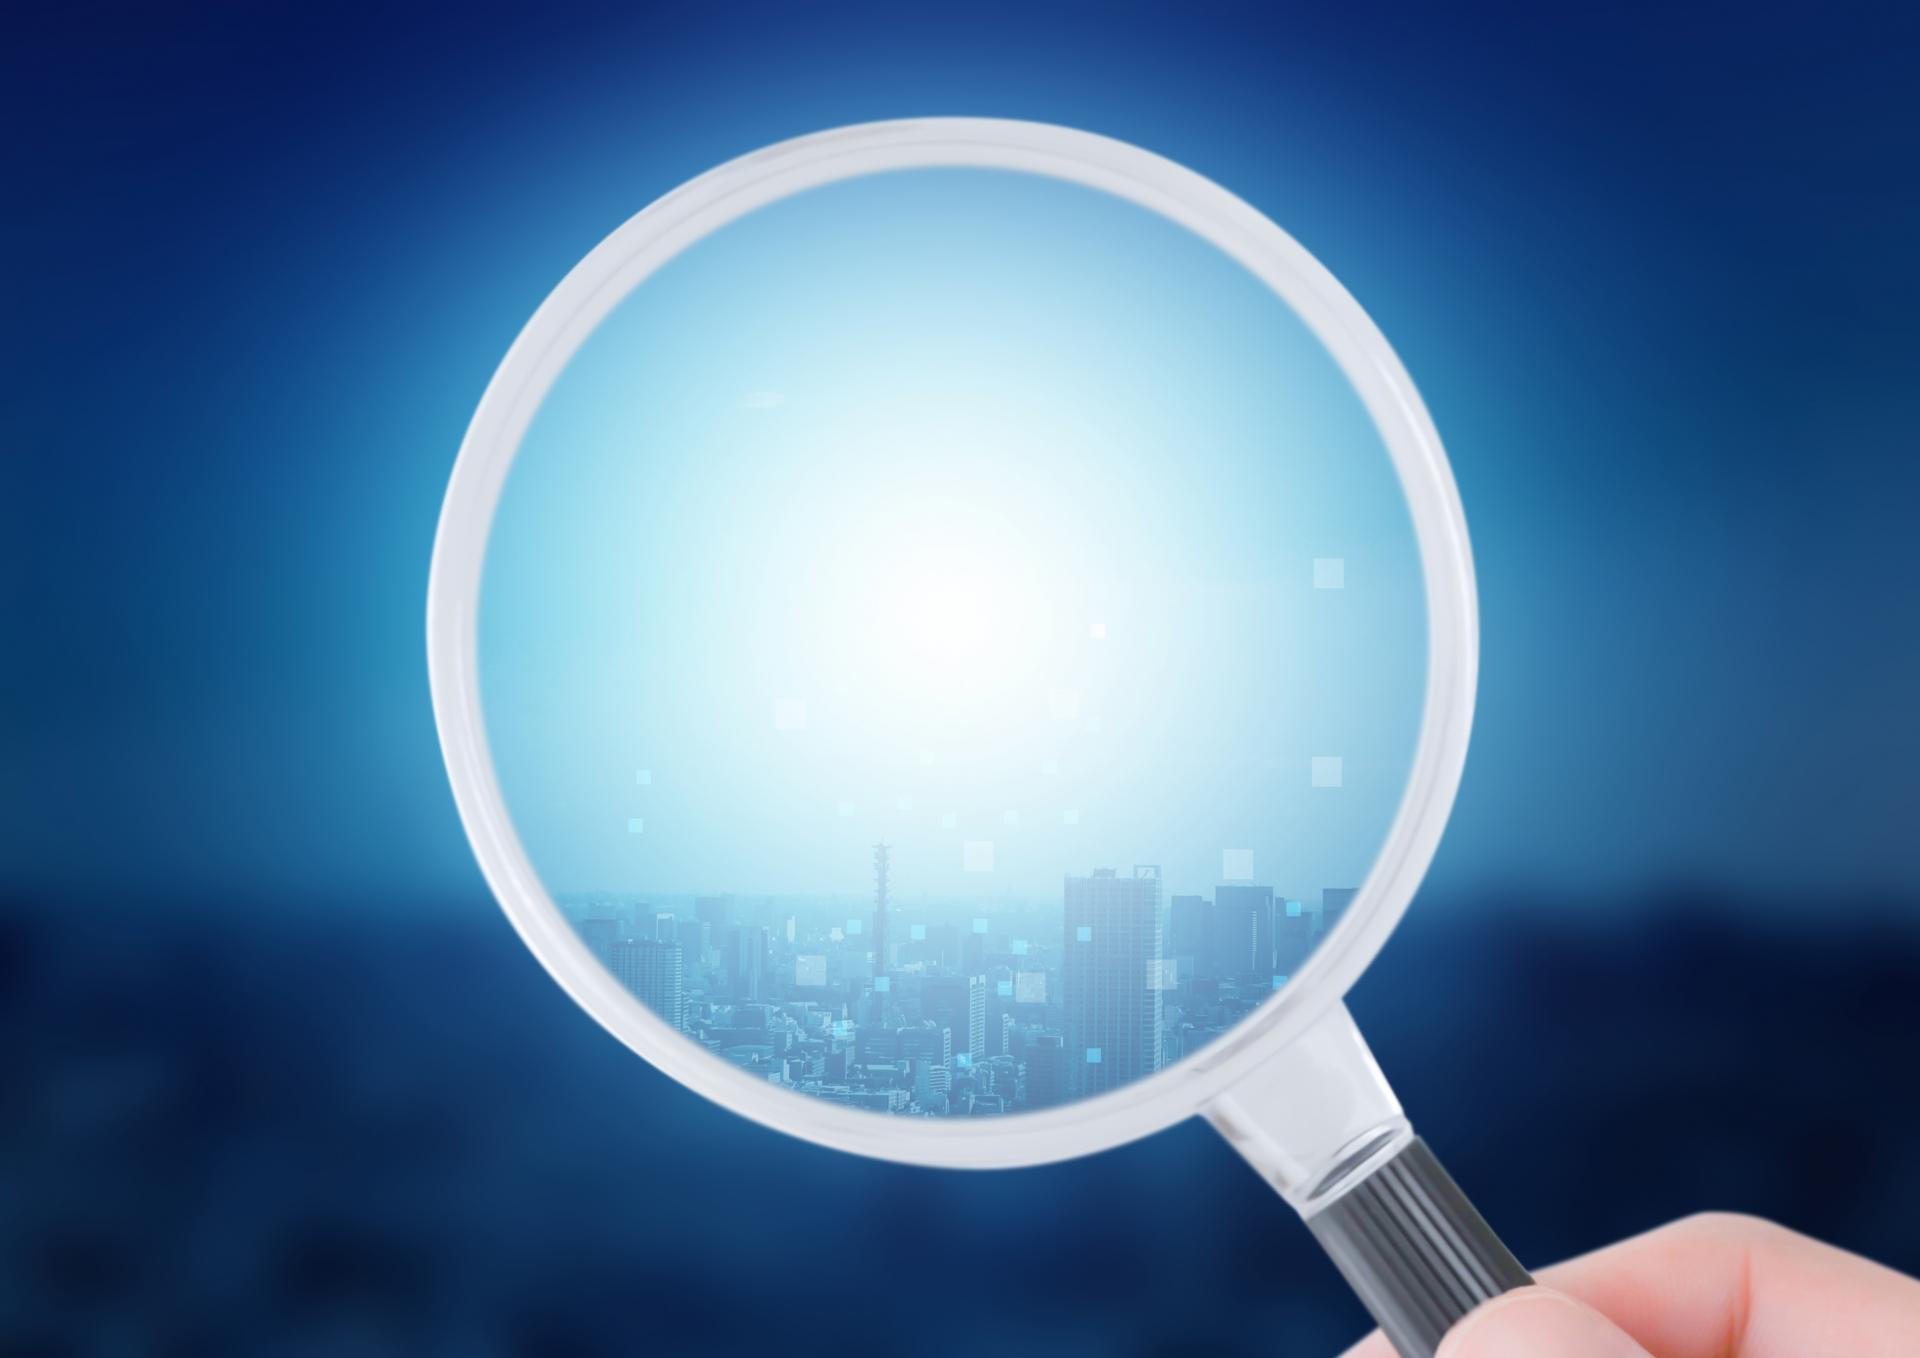 トップセールスマン7つの共通項・・・売れる営業・売れない営業の違いとは?_詳細